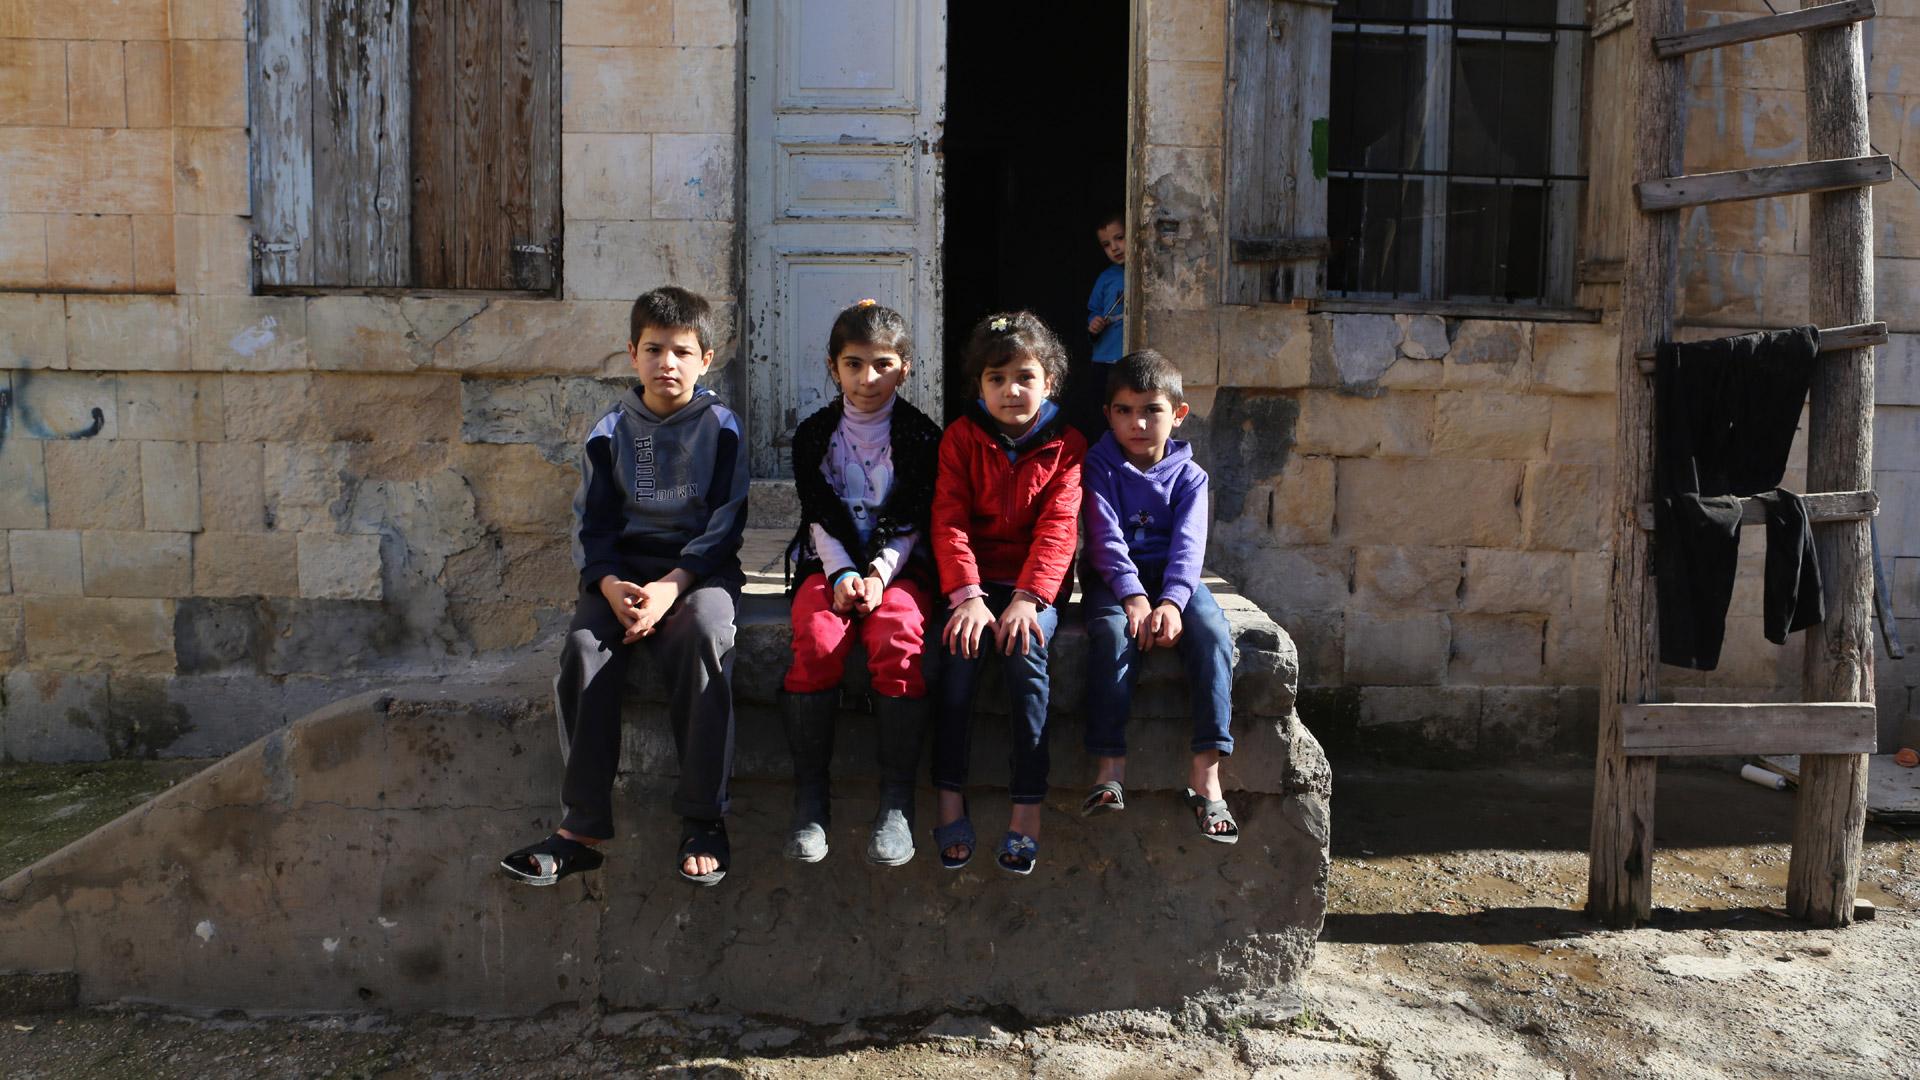 Syrische Flüchtlingskinder vor ihrer Unterkunft in der libanesischen Stadt Baalbek